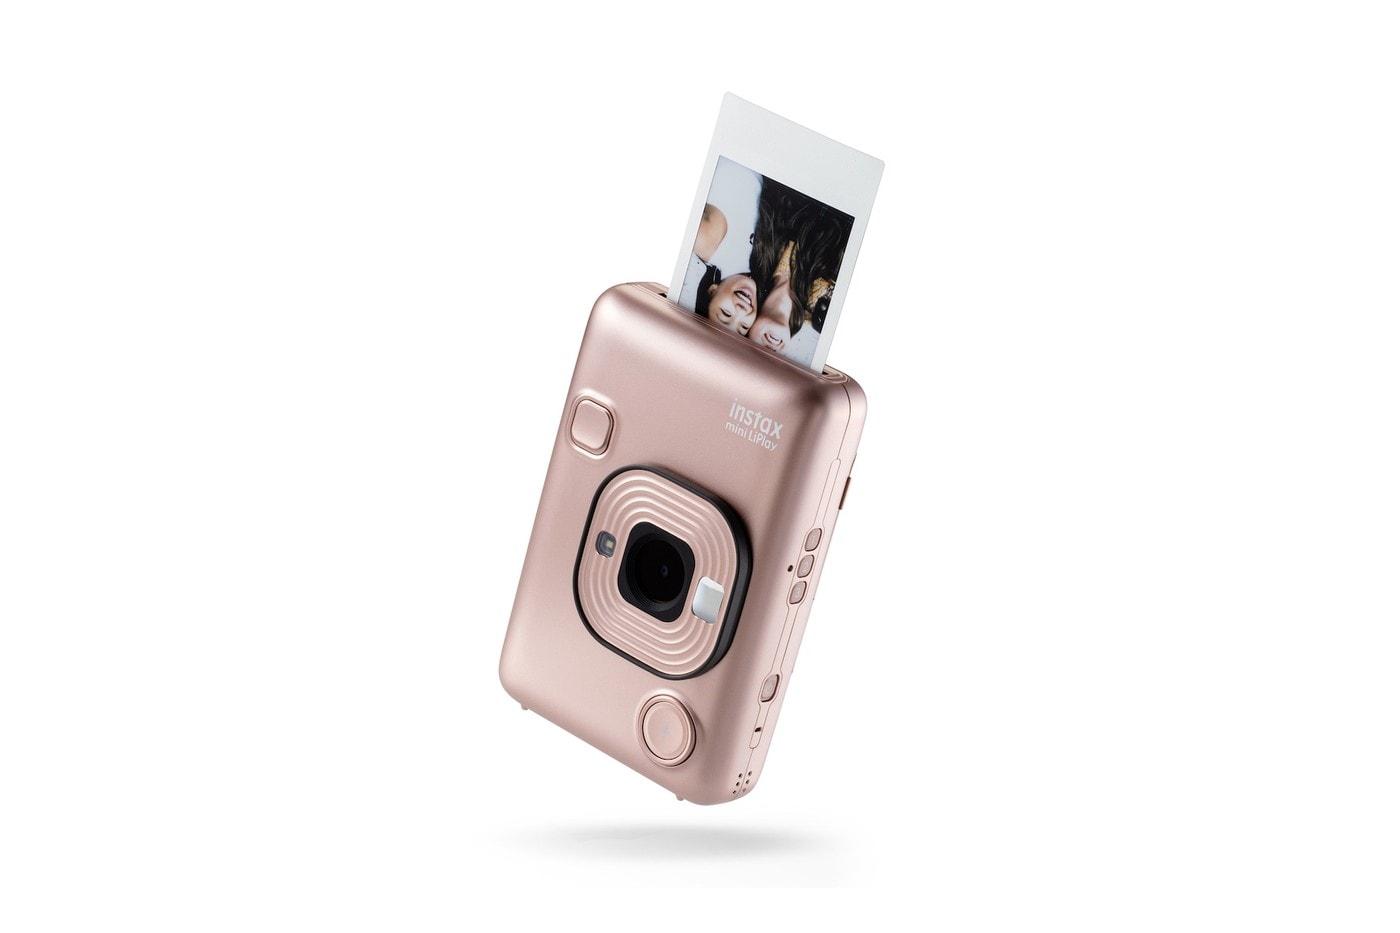 """Instant Camera Fujifilm instax SQUARE SQ6 in """"Blush Gold"""